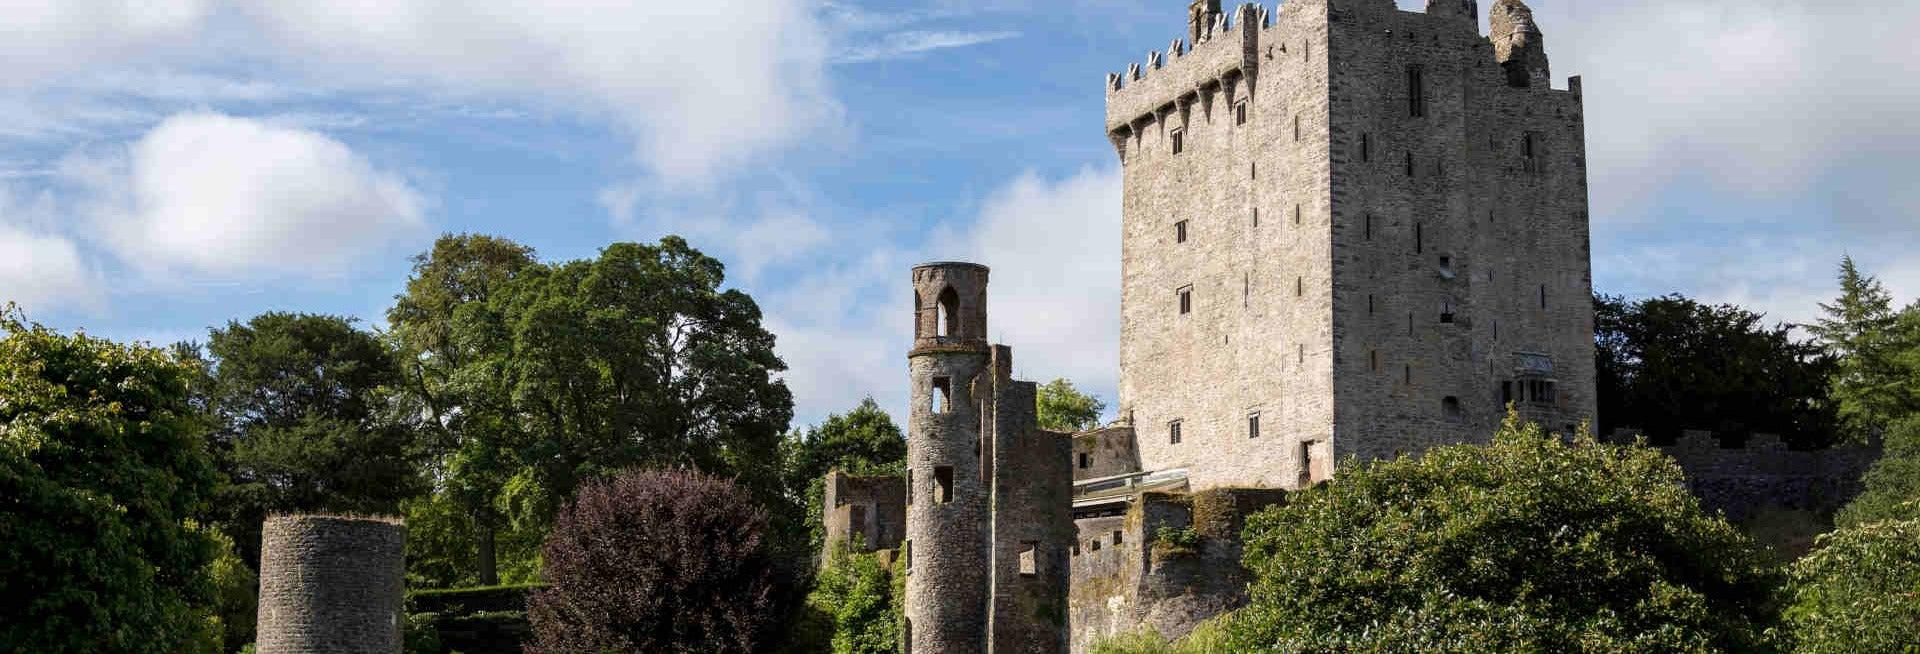 Blarney Castle & Cork Tour